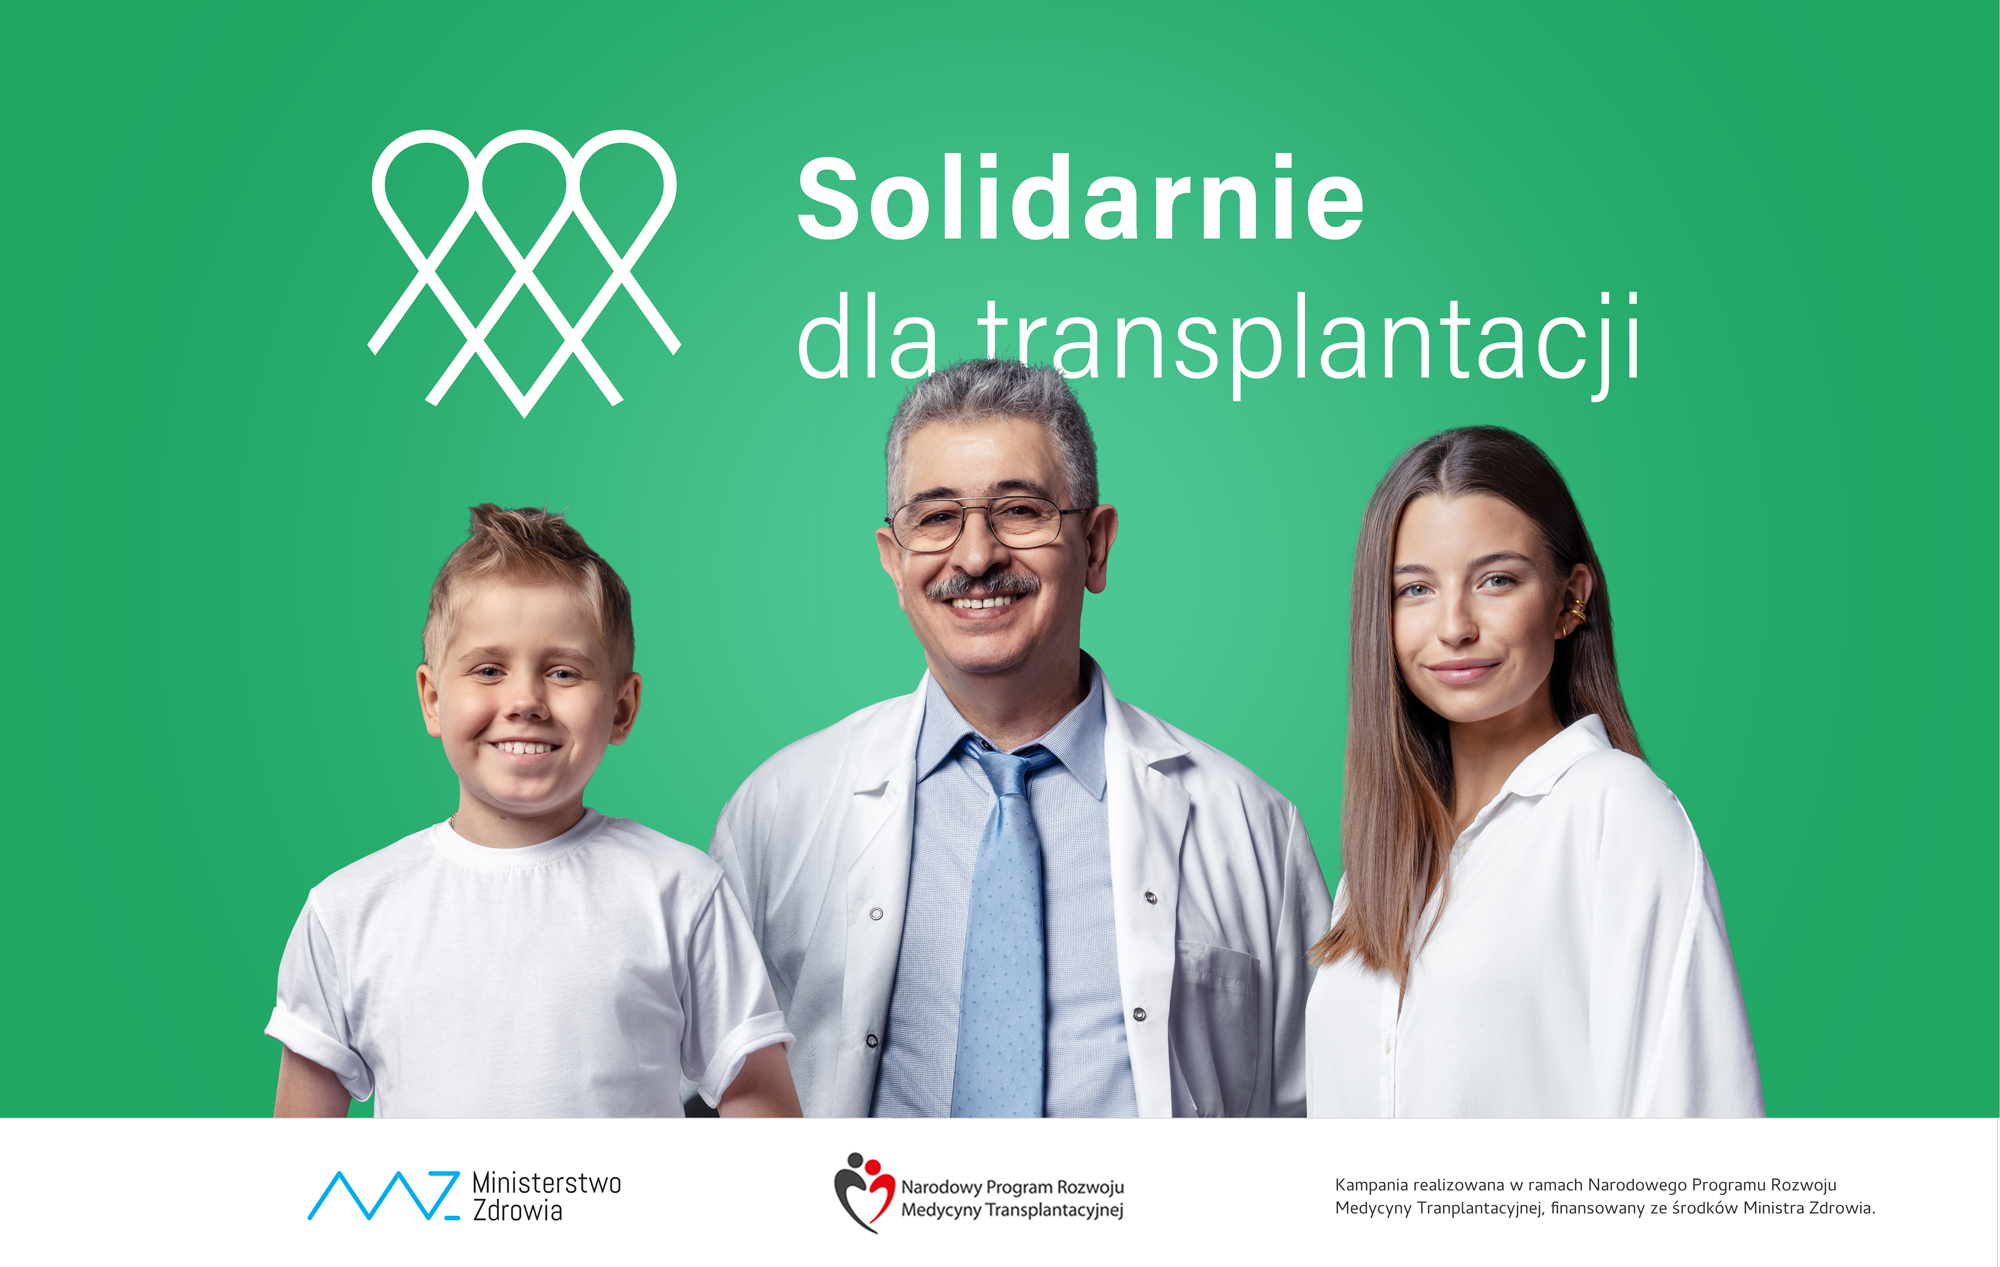 Solidarnie dla transplantacji – kampania informacyjno-edukacyjna